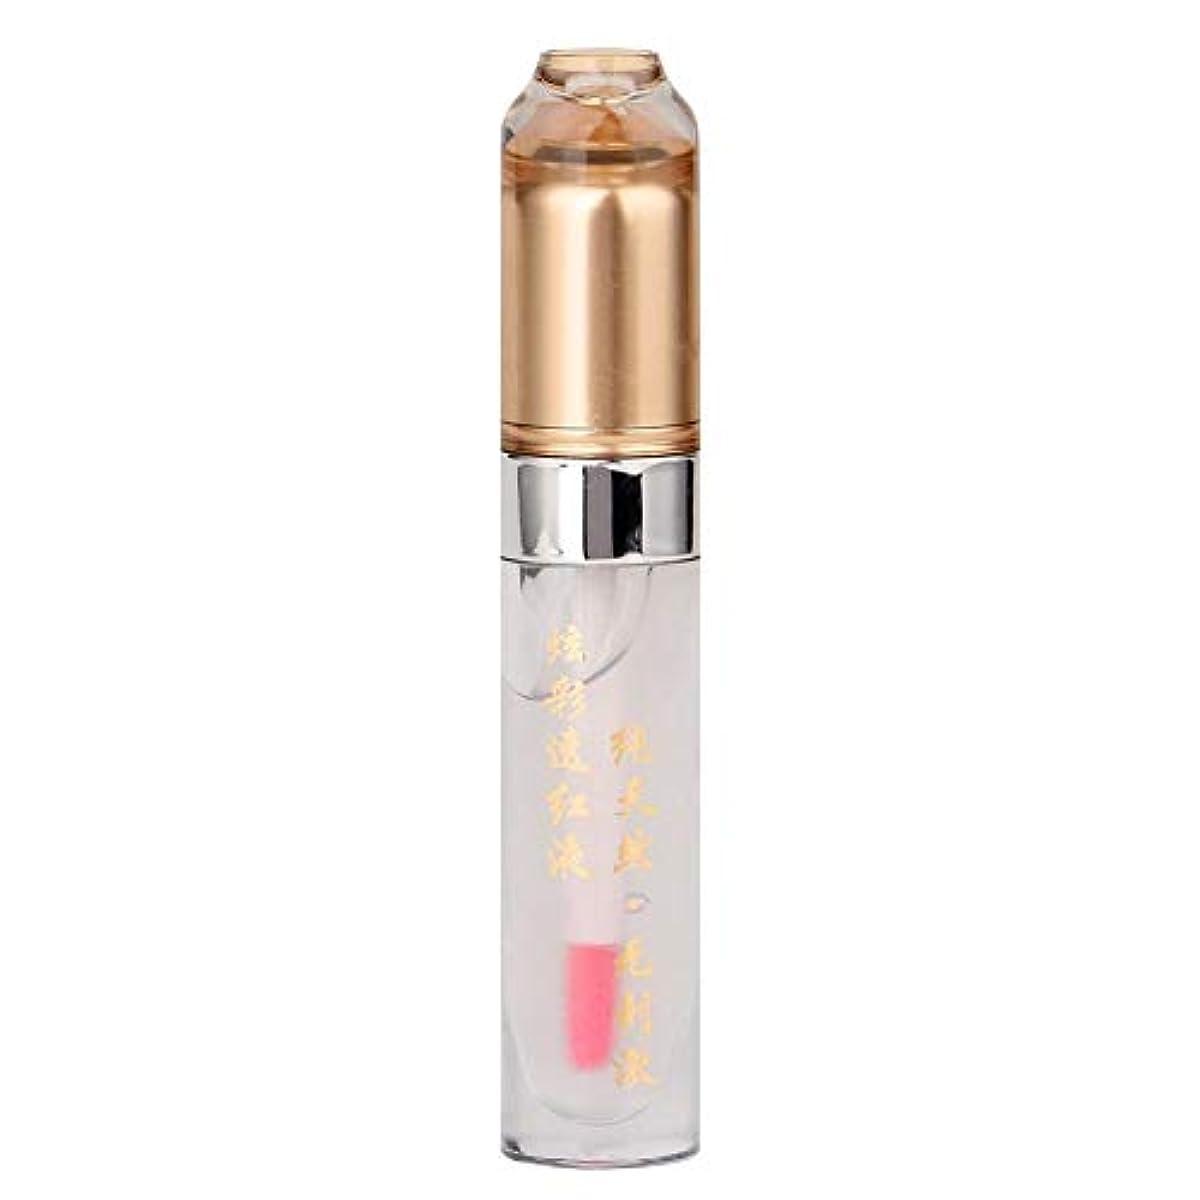 ログ修正するナイロン温度変化口紅、唇、乳首、乳輪およびその他の部品のためのピンクのゲル温度変色保湿口紅